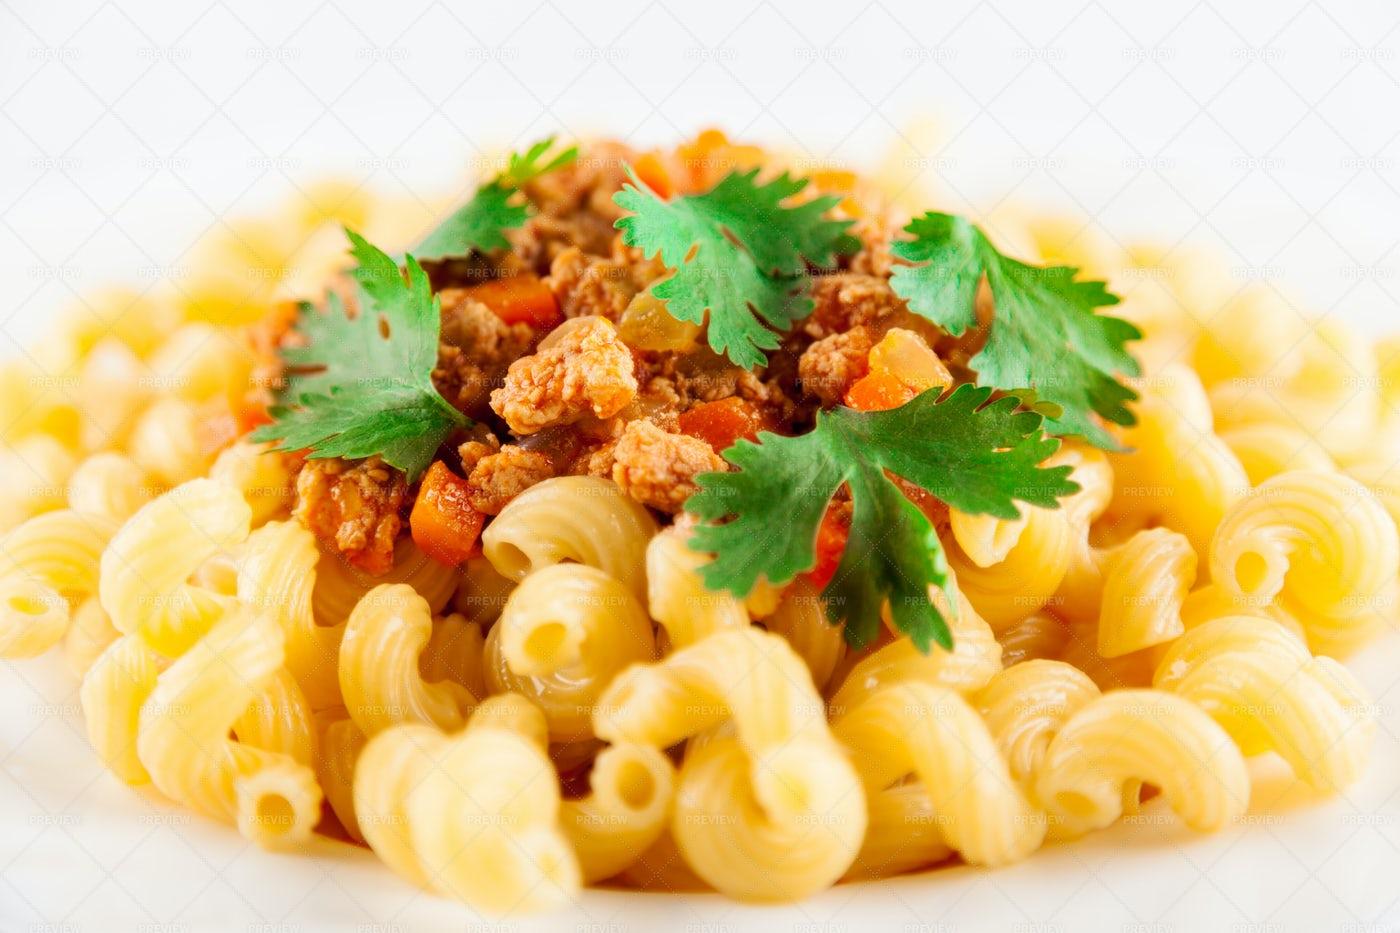 Pasta Bolognese Closeup: Stock Photos